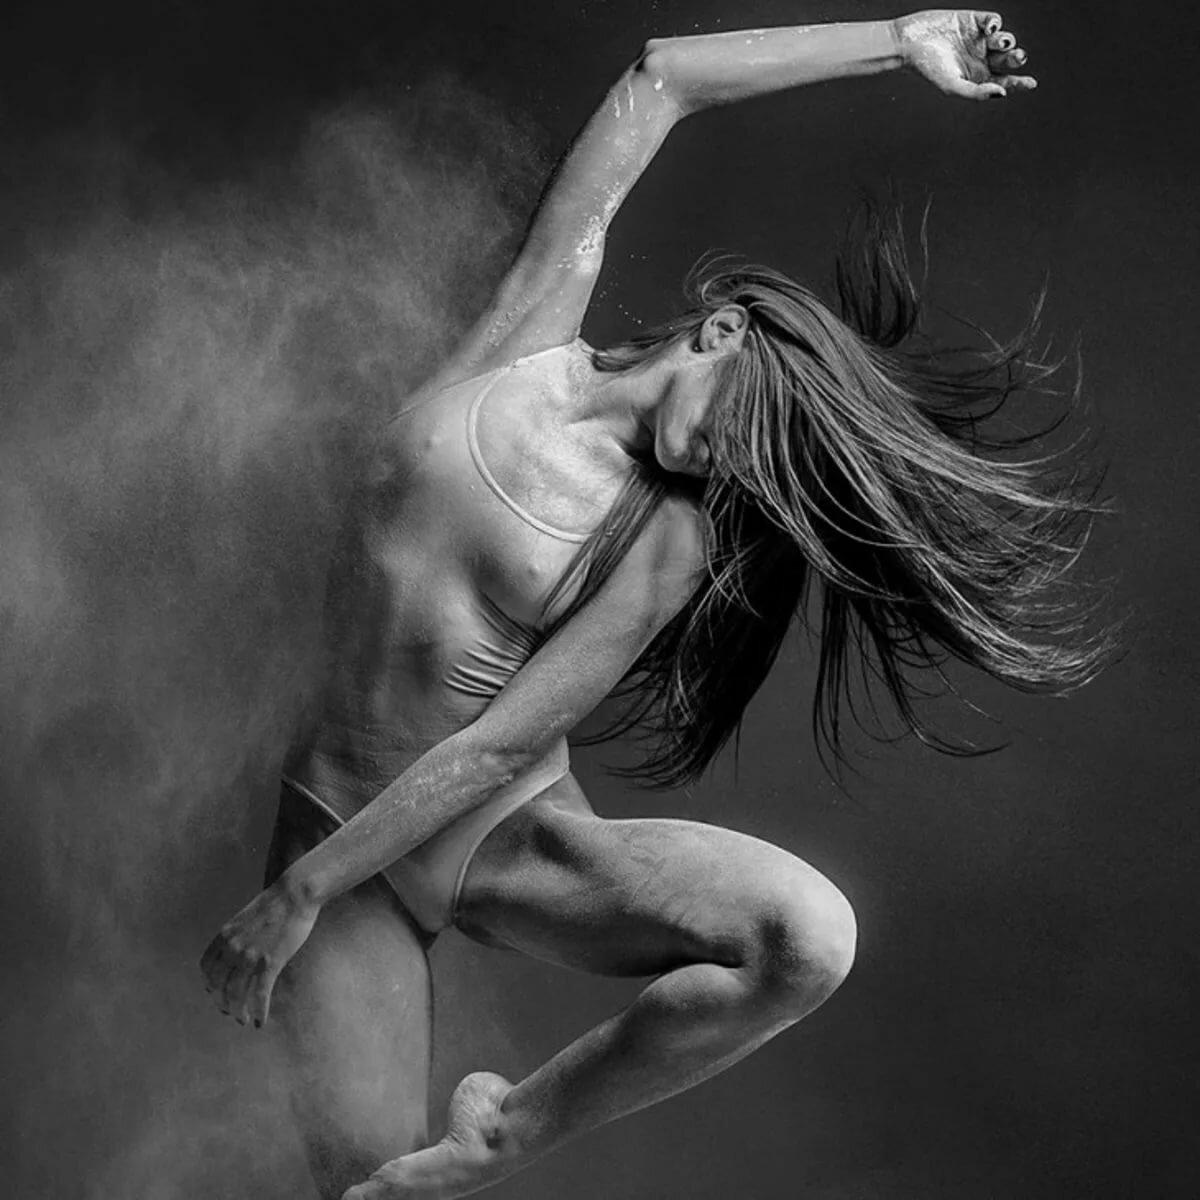 Голый Танца Скачать Бесплатно